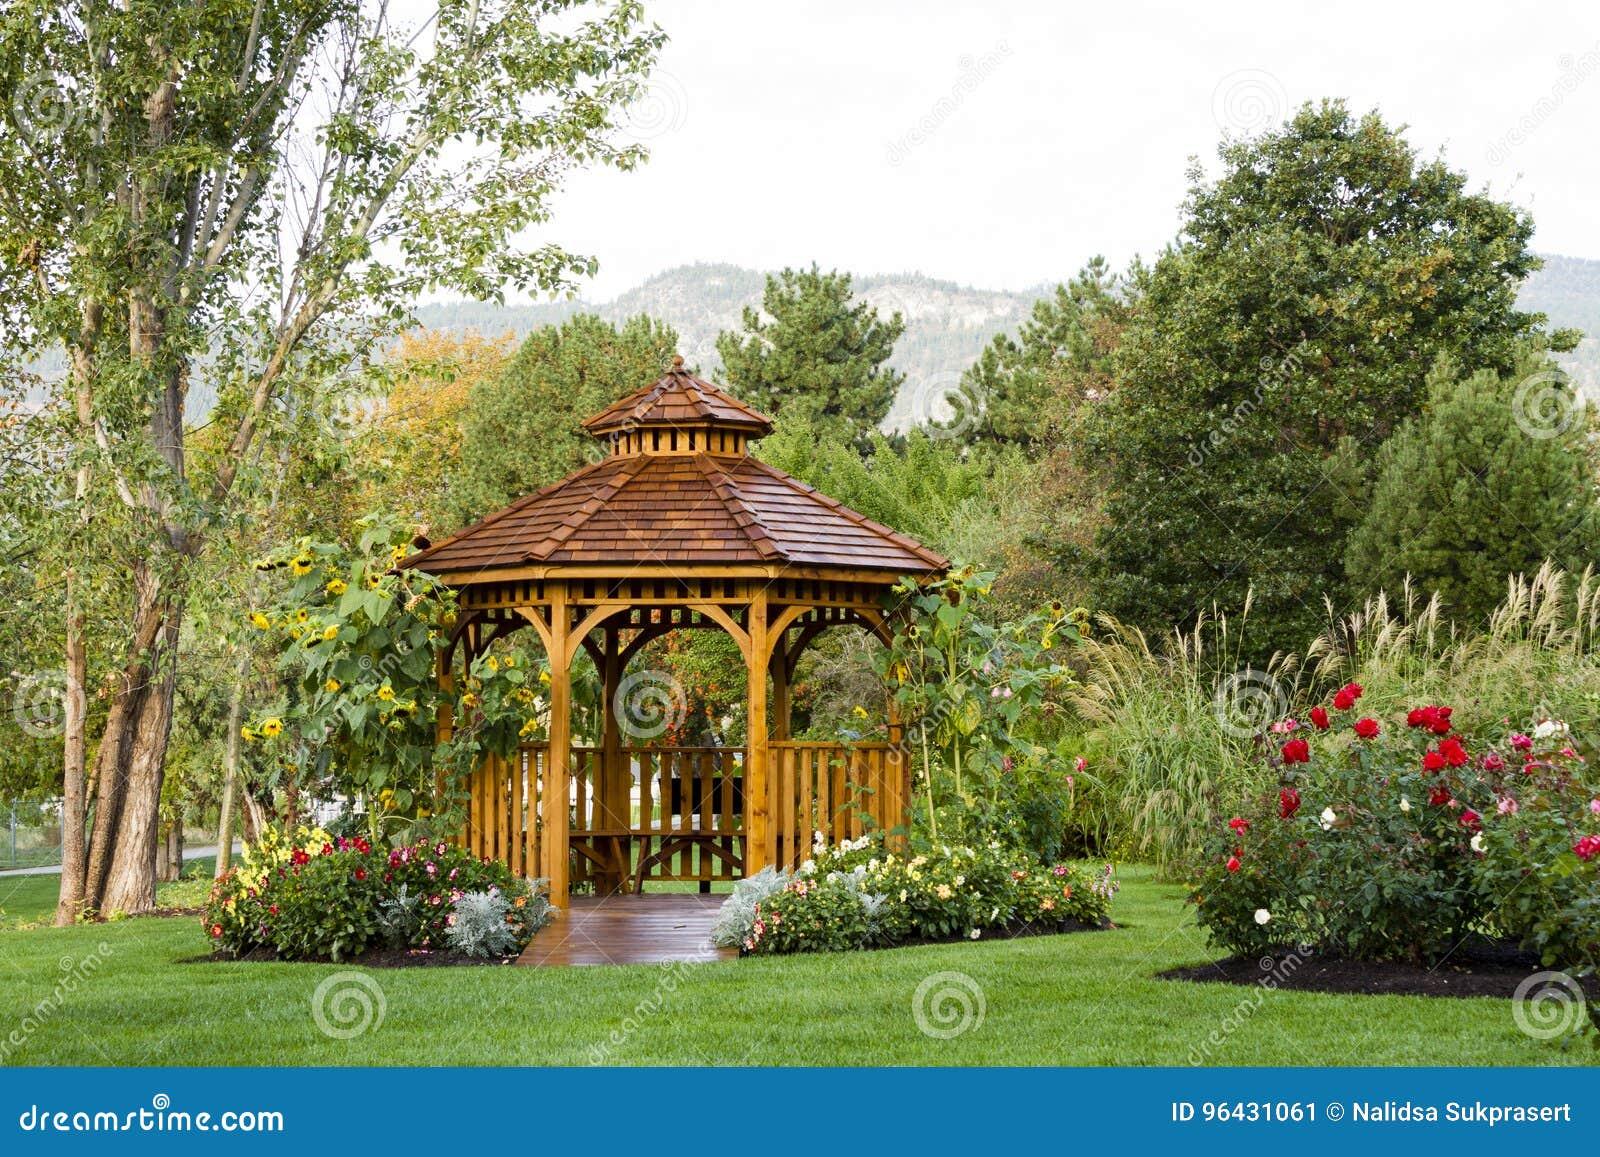 Cedar Gazebo Backyard Garden Park